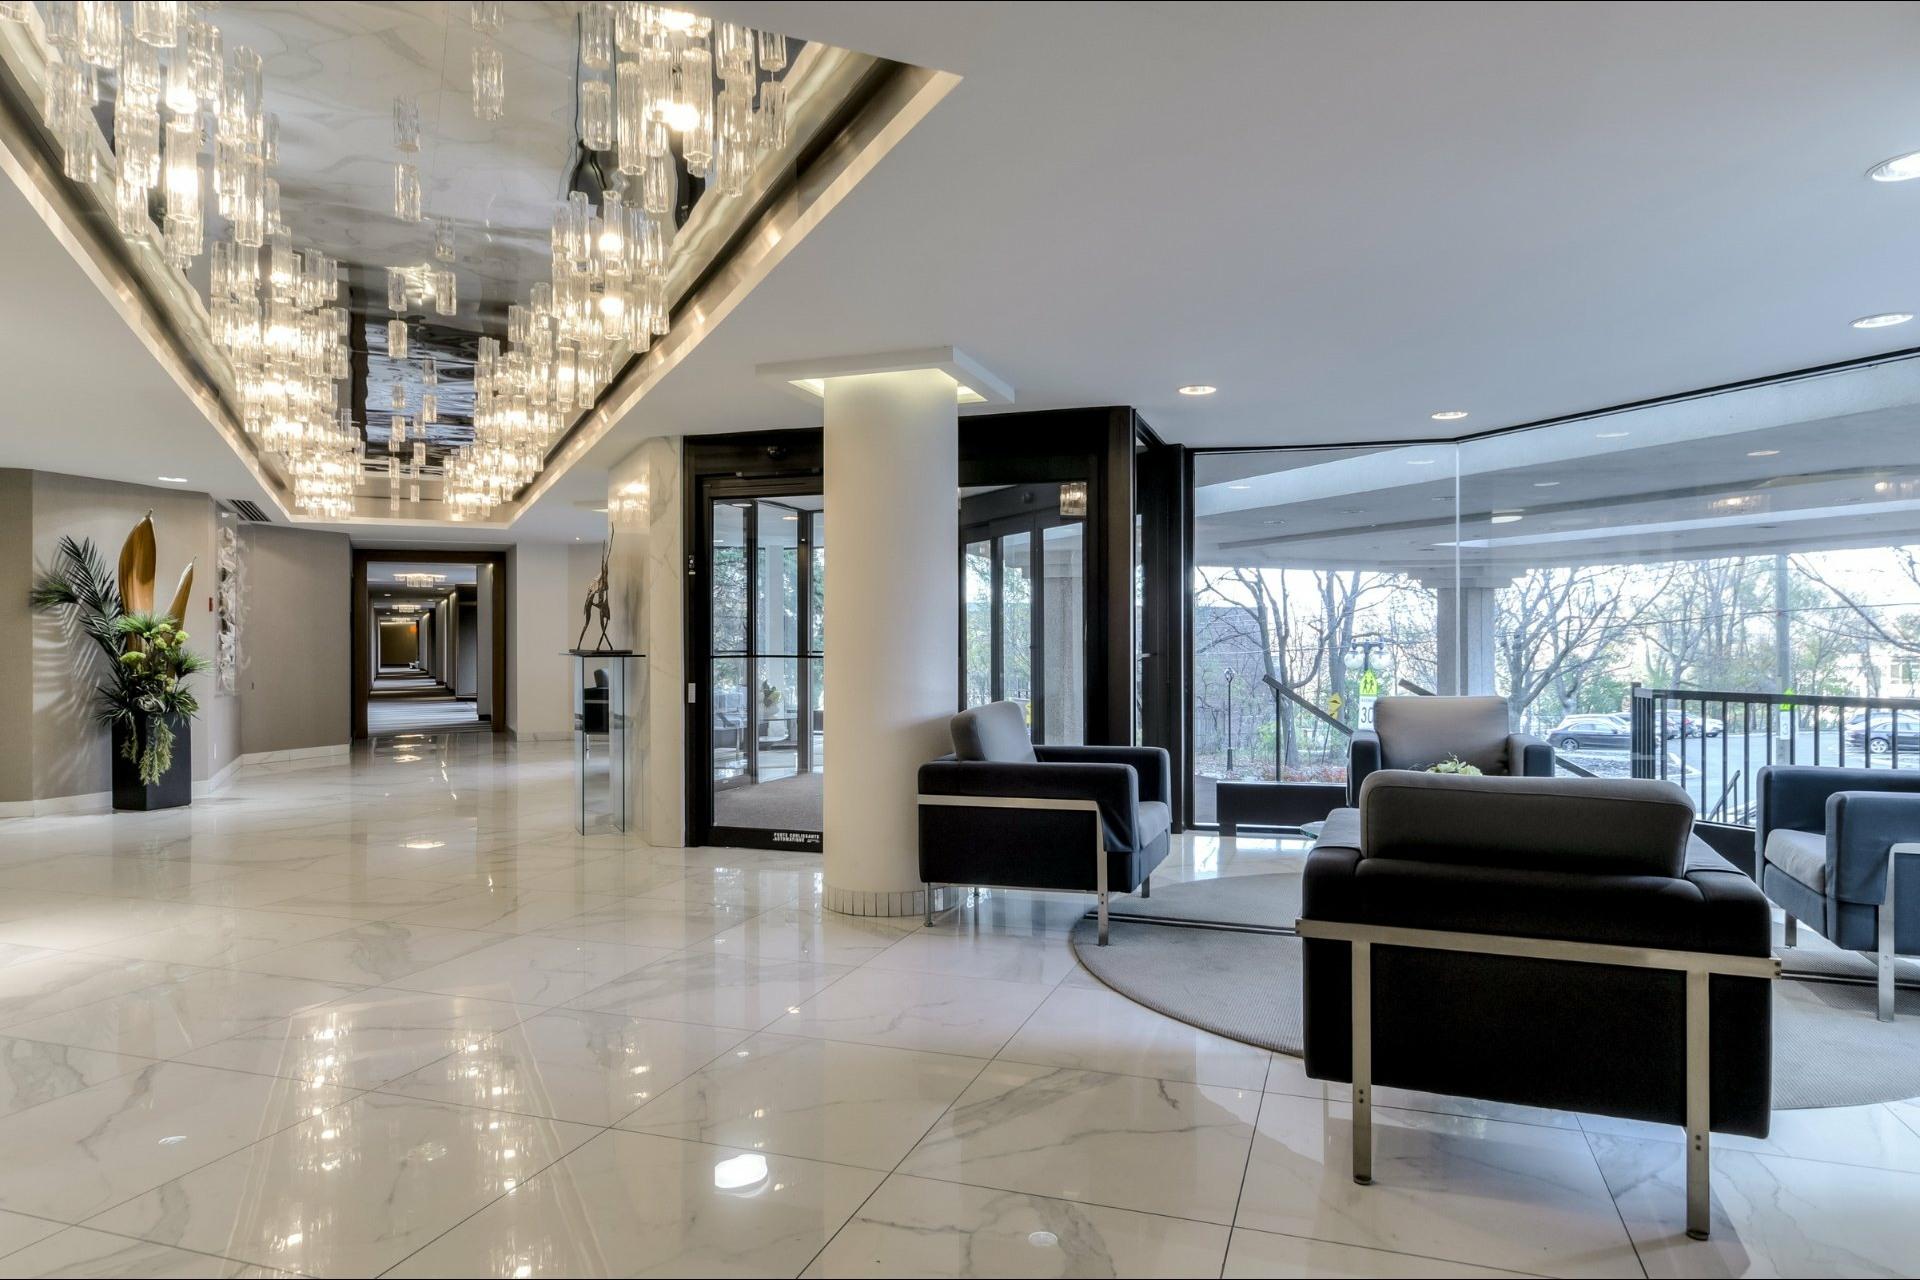 image 24 - 公寓 出售 Côte-des-Neiges/Notre-Dame-de-Grâce Montréal  - 6 室